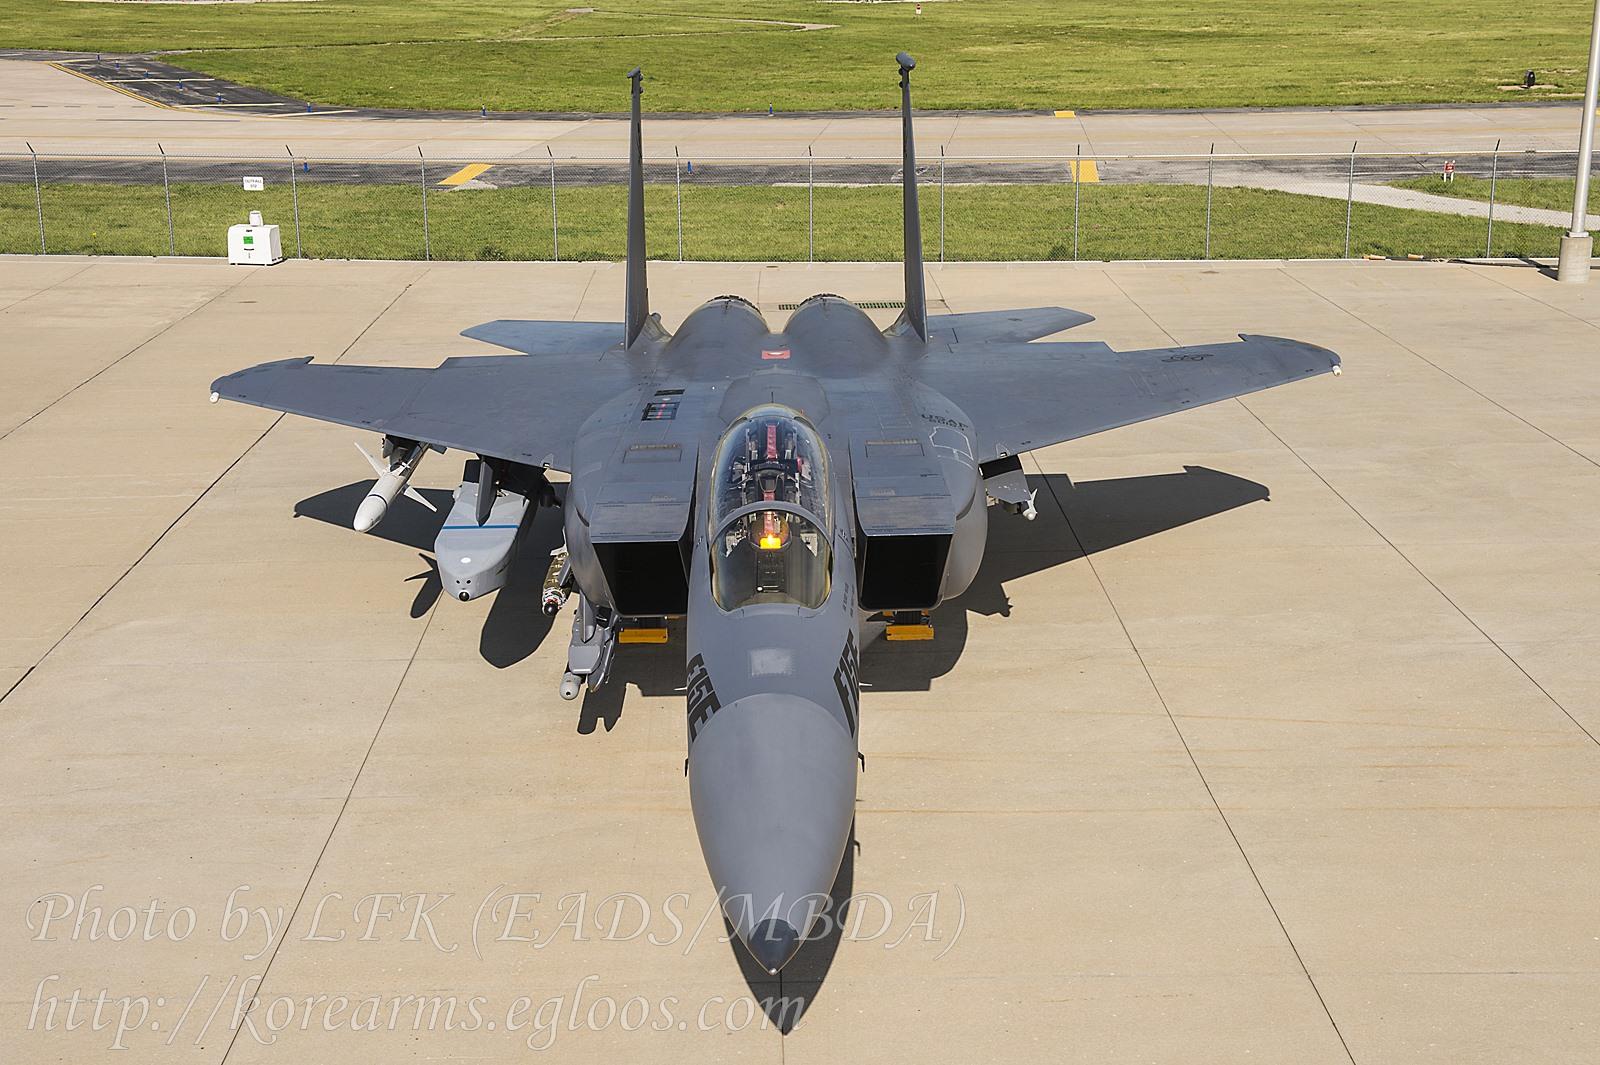 북한 전역 공격 가능한 Taurus 미사일 장착 F-15E..